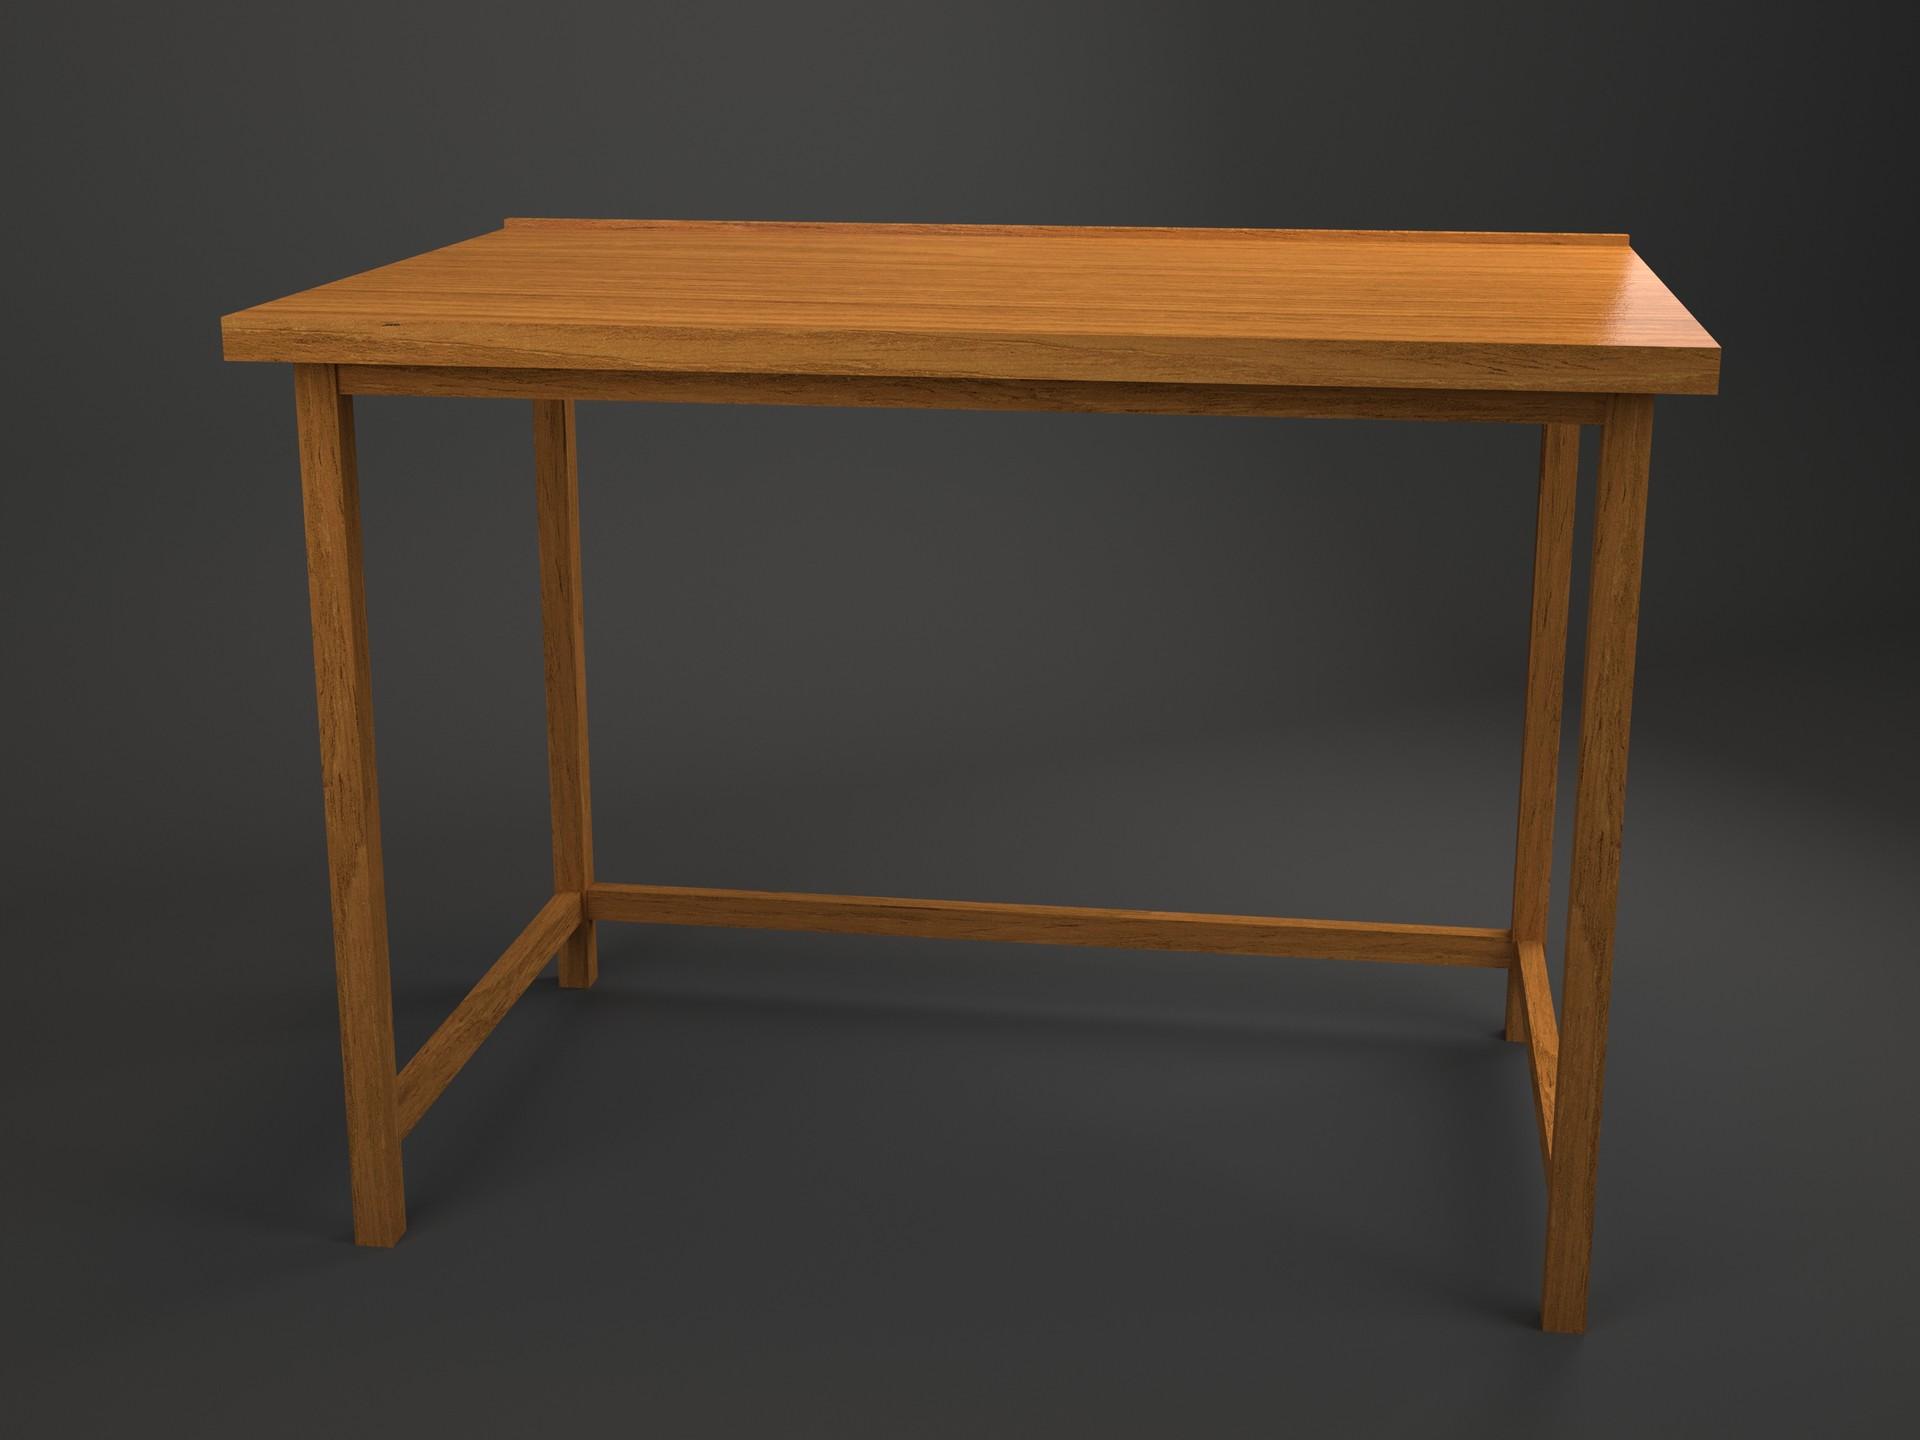 Cara Membuat Meja Kayu